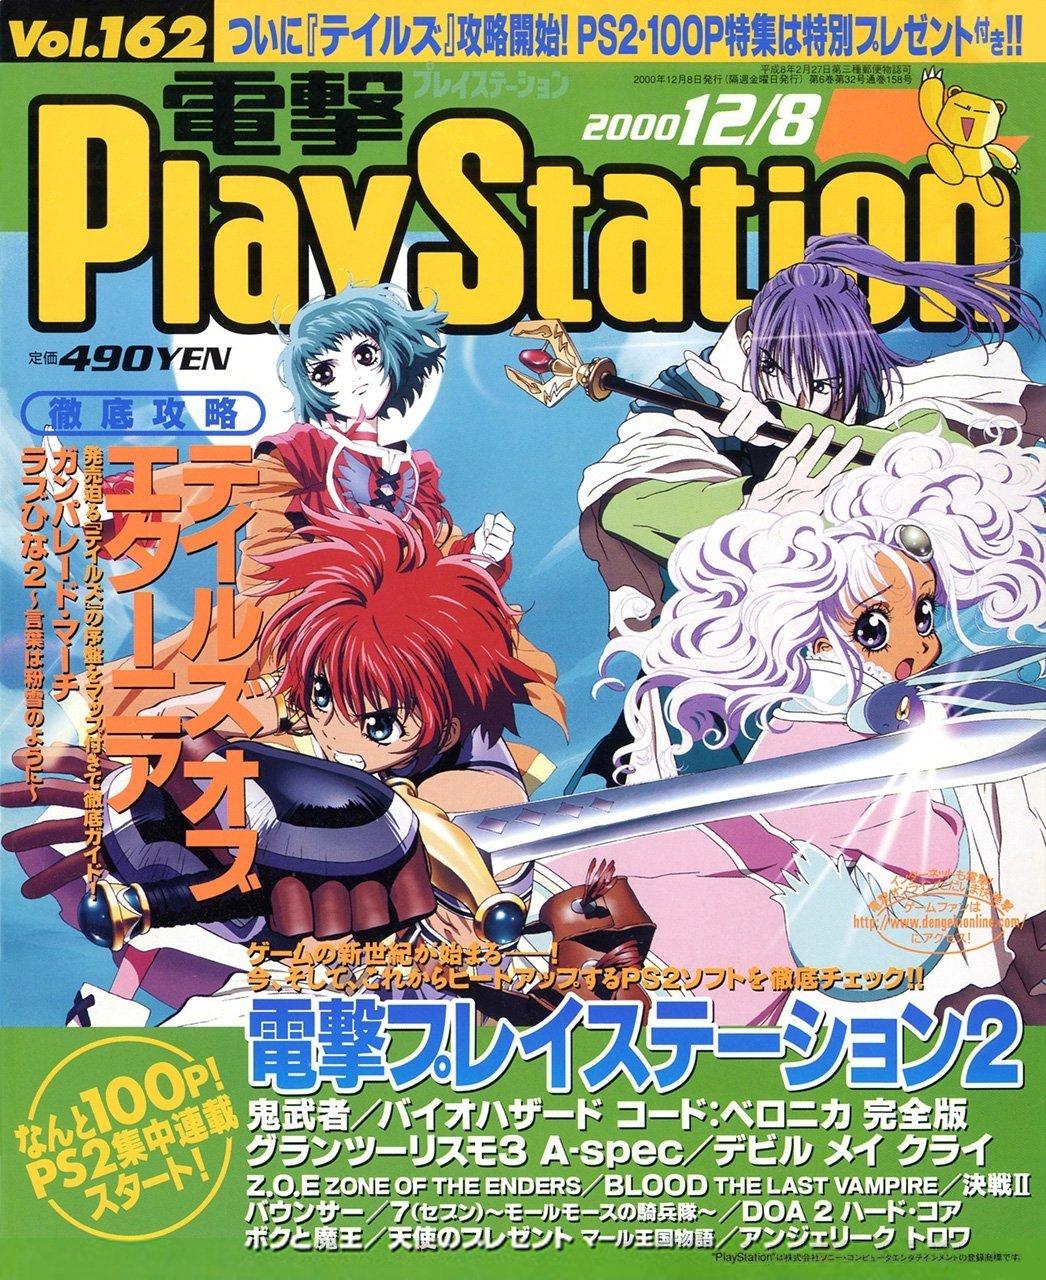 Dengeki PlayStation 162 (December 8, 2000)